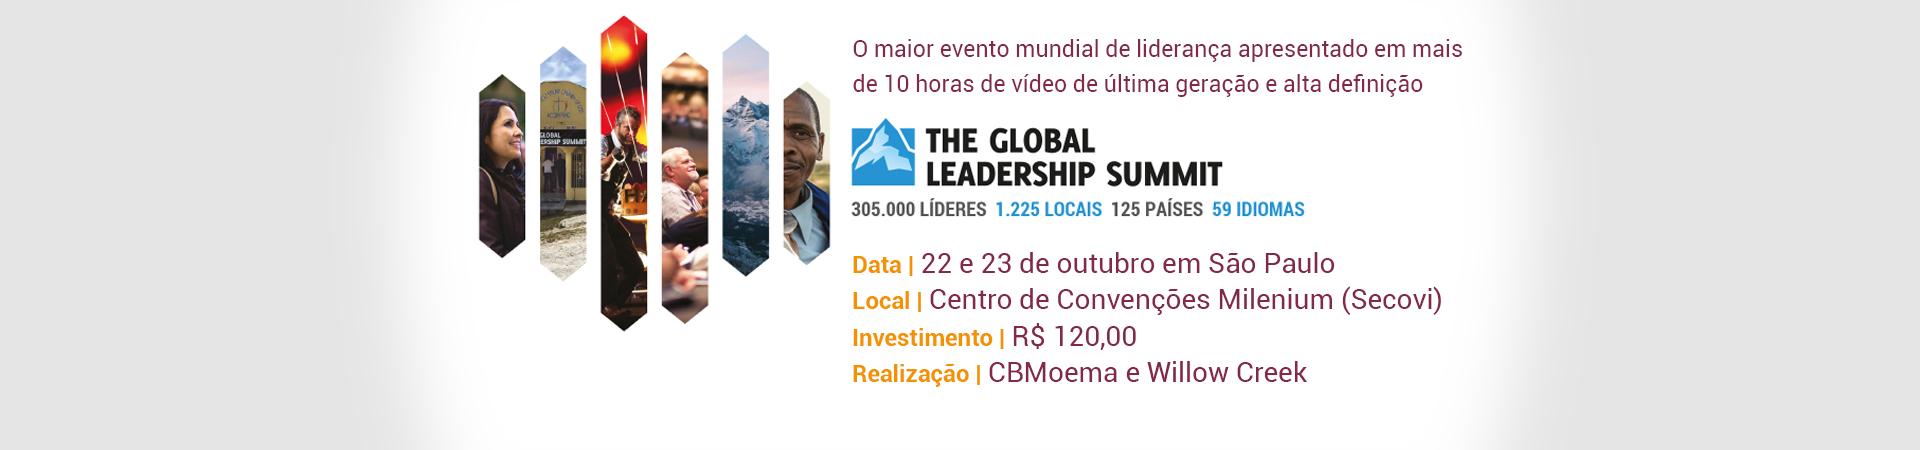 summit_banner